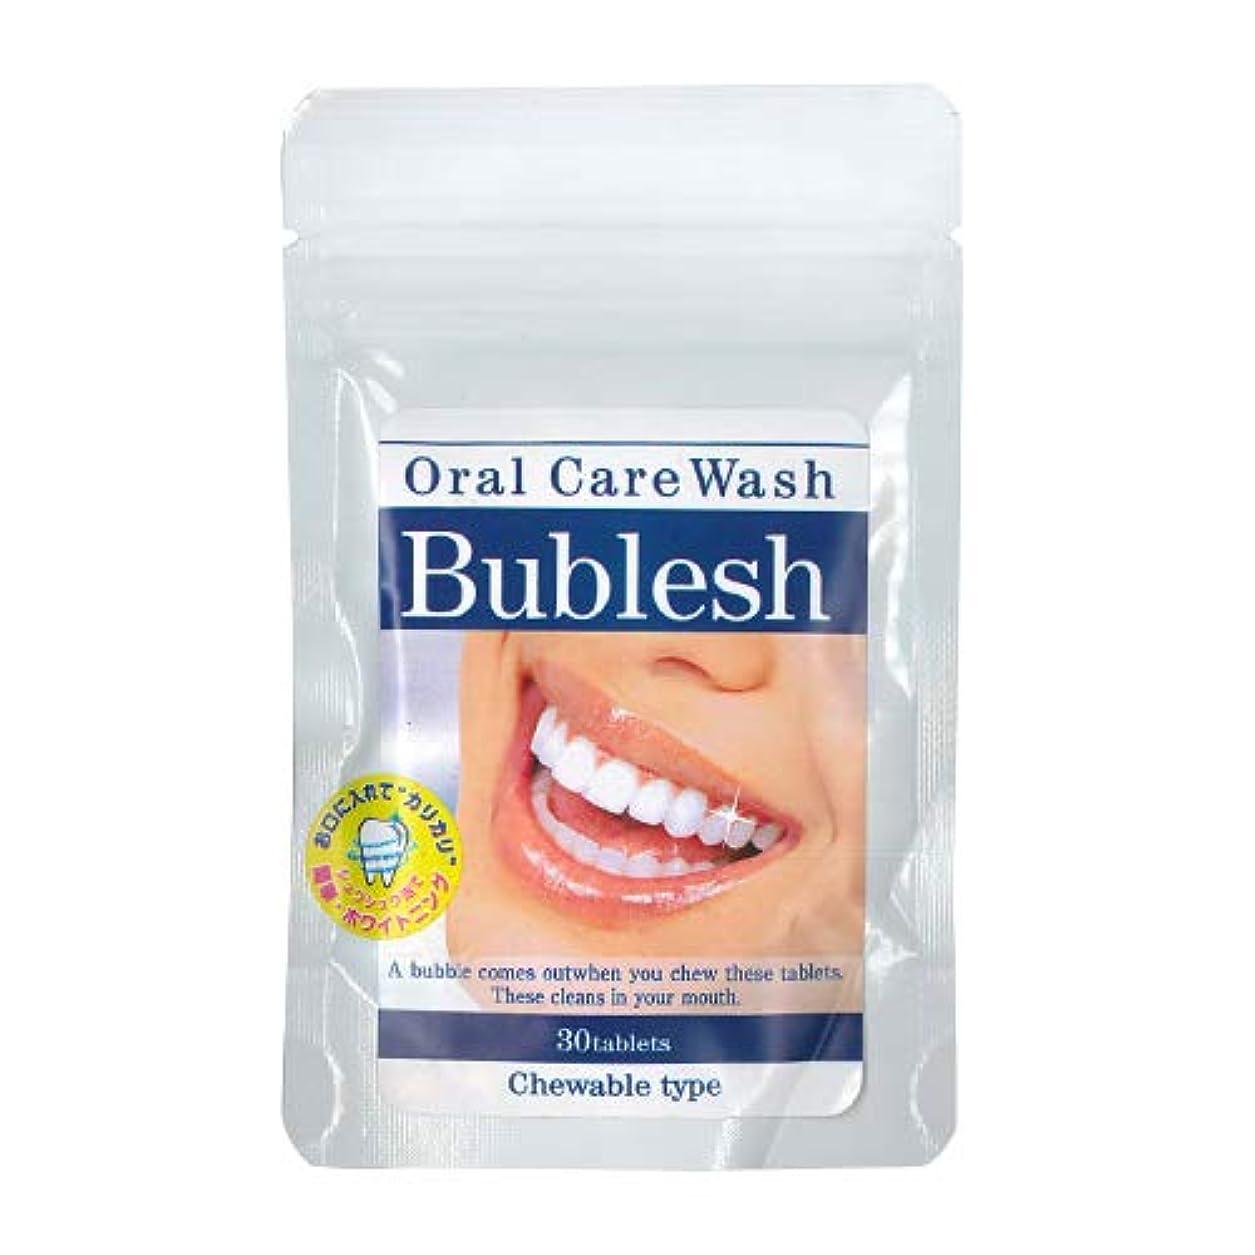 いたずらな基礎理論決済オーラルケアウォッシュ バブレッシュ (Oral Care Wash Bublesh) 30粒 × 2個セット